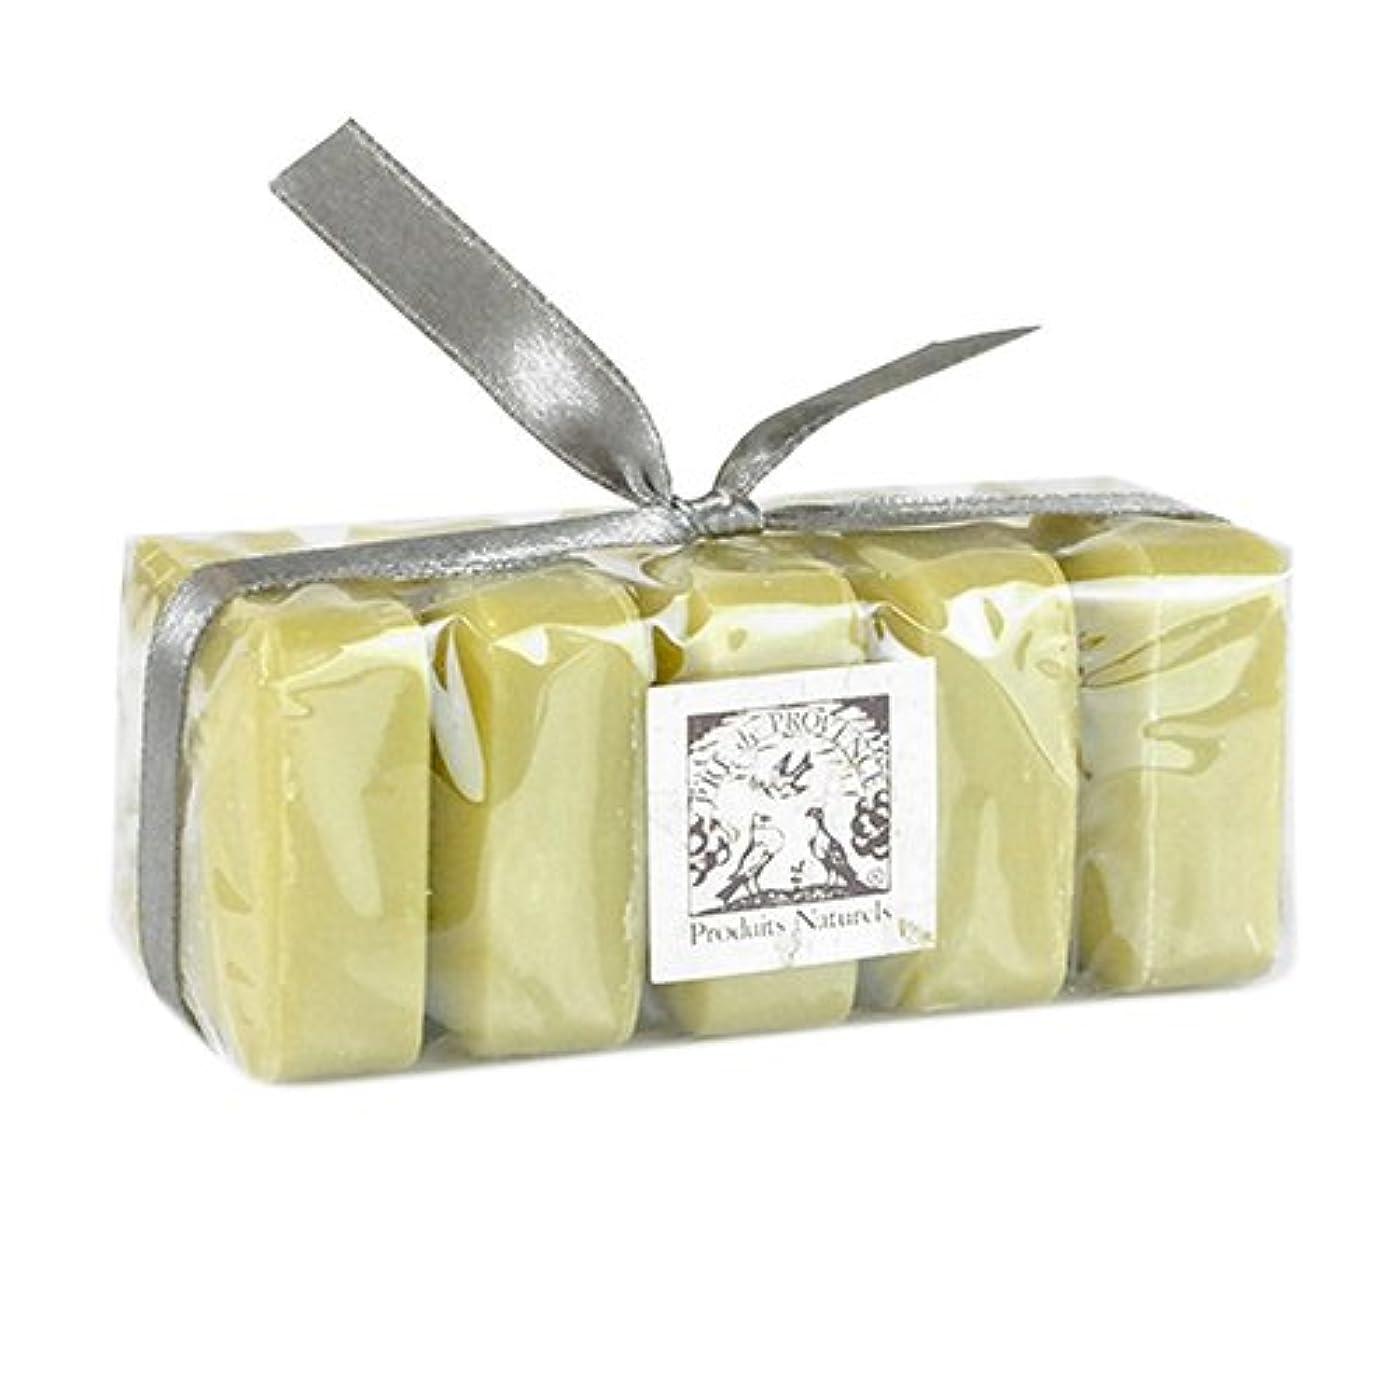 外部同様に装置PRE de PROVENCE シアバター エンリッチドソープ ギフトパック バーベナ VERBENA プレ ドゥ プロヴァンス Shea Butter Enriched Soap